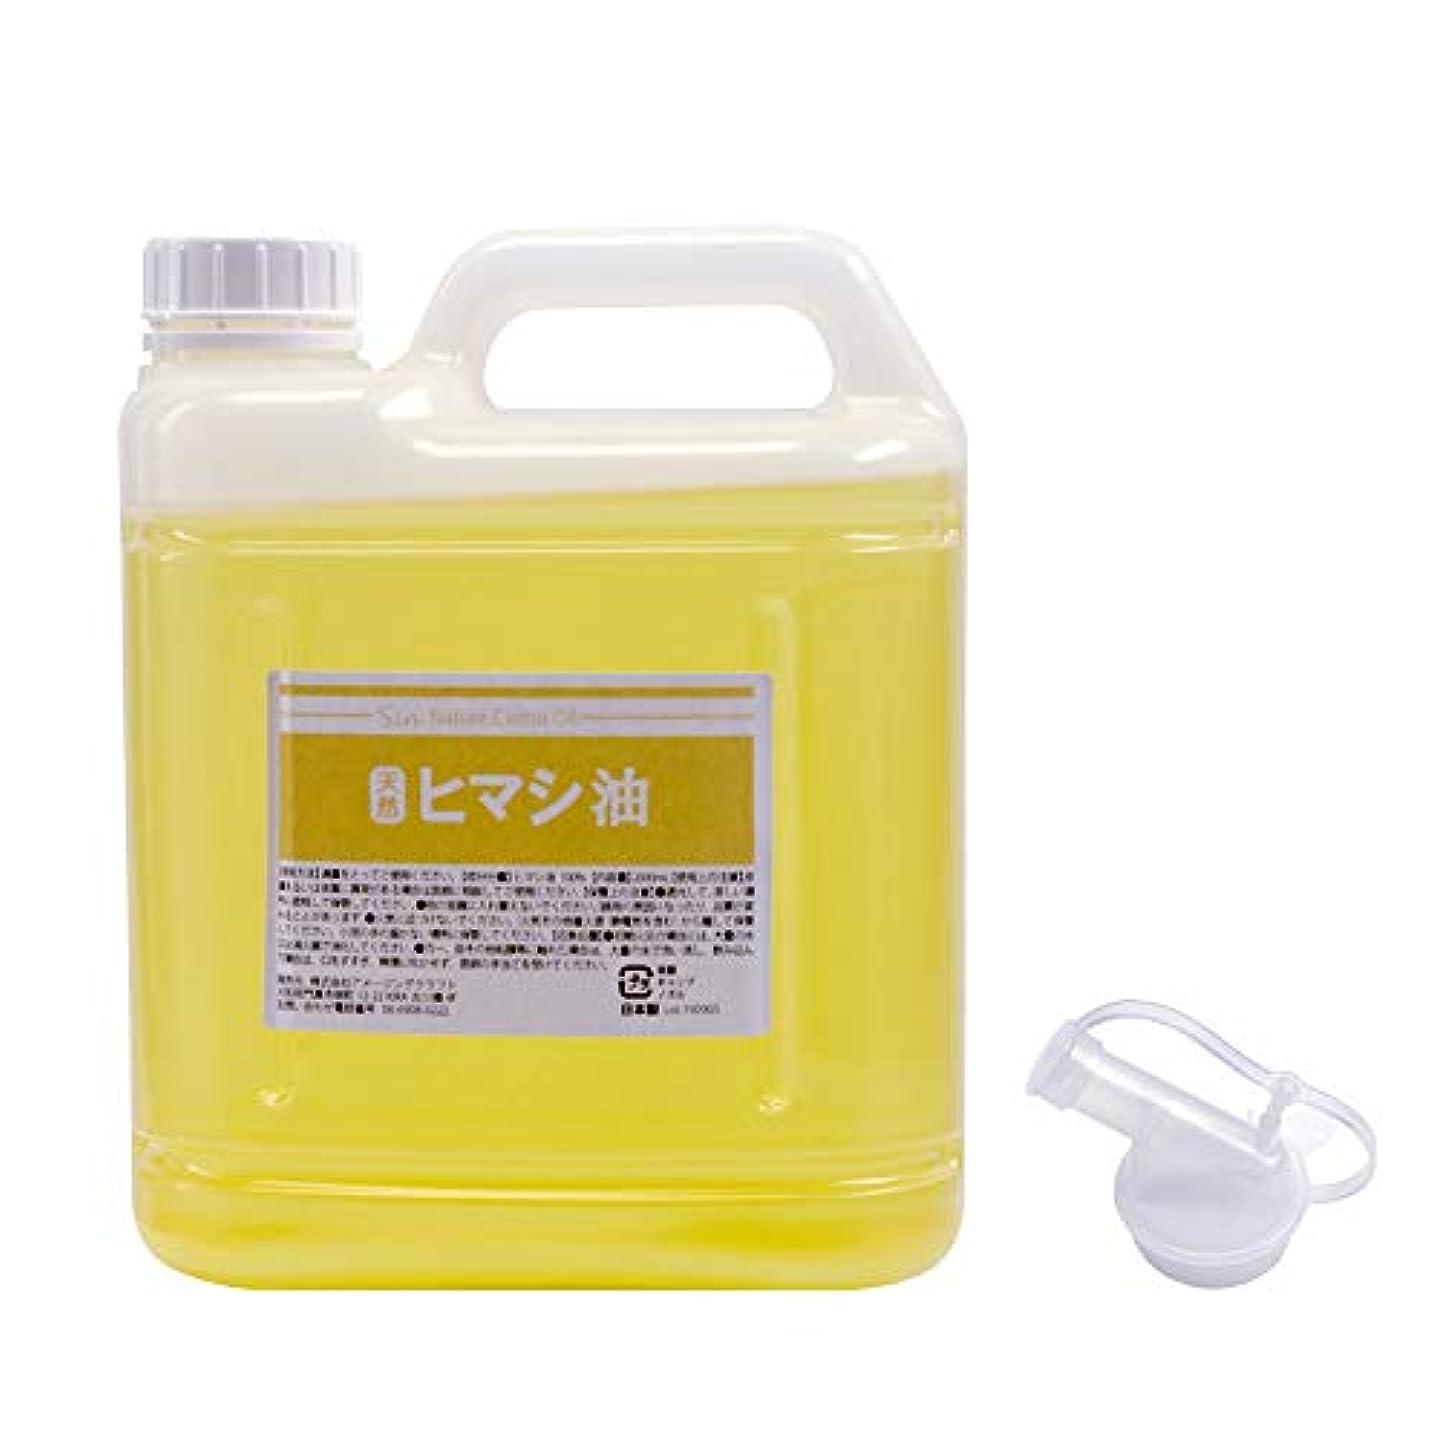 表現小川ウェイトレス天然無添加 国内精製ひまし油 (キャスターオイル) 2000ml 2L